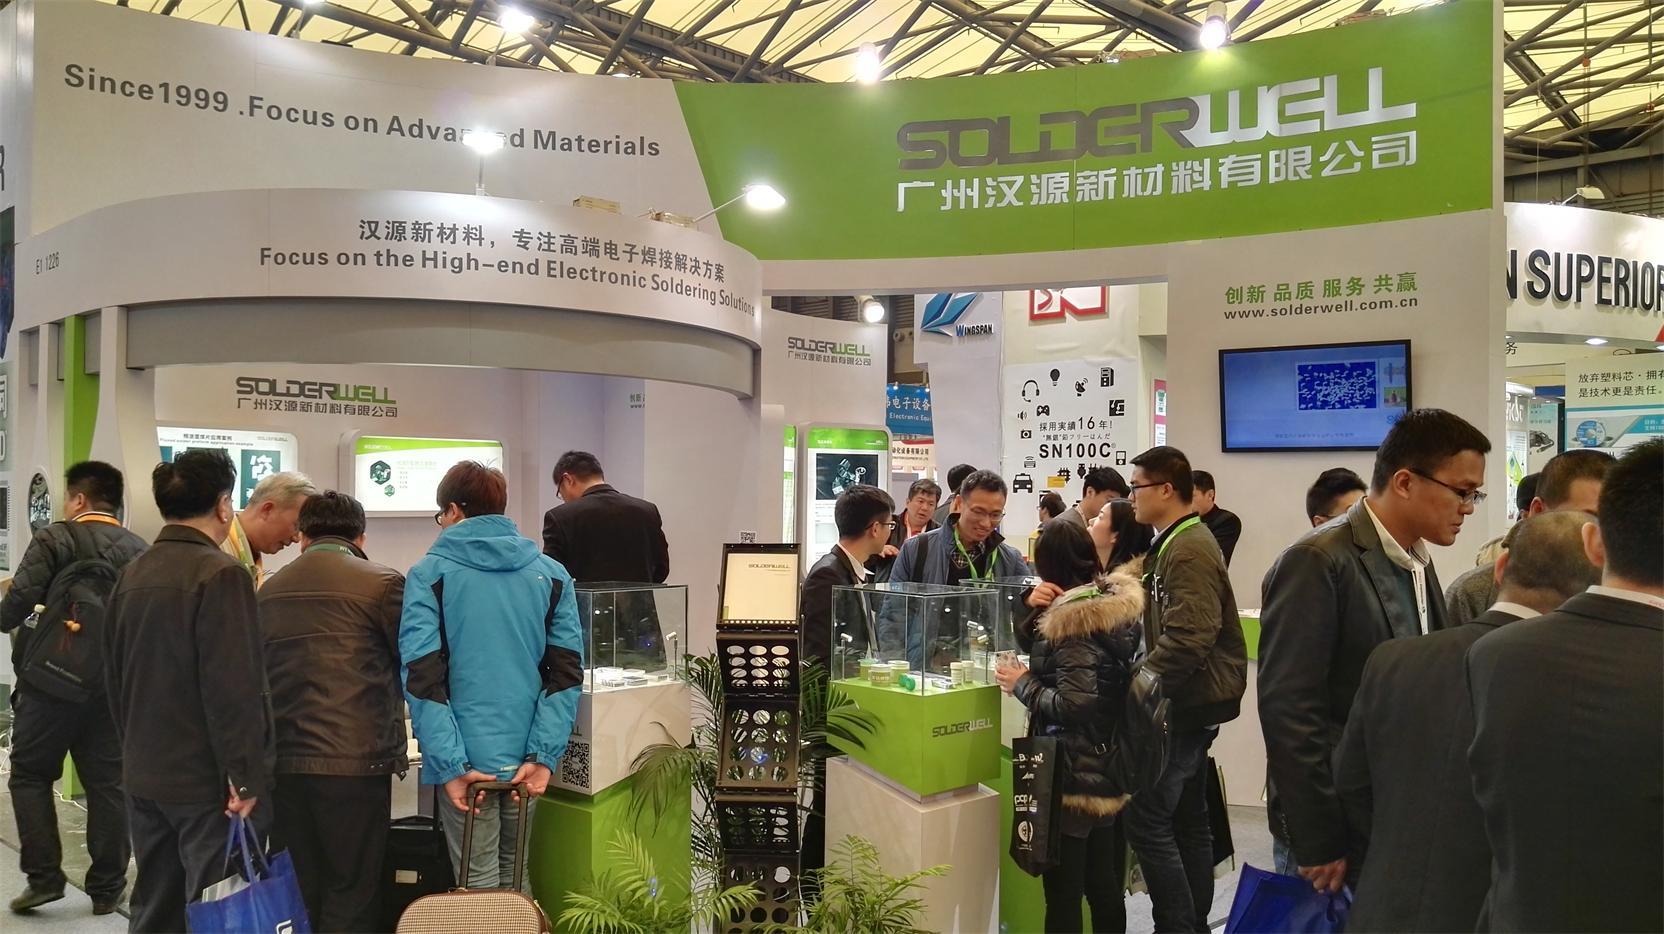 汉源携精密预成型焊料产品再度亮相2016慕尼黑上海展